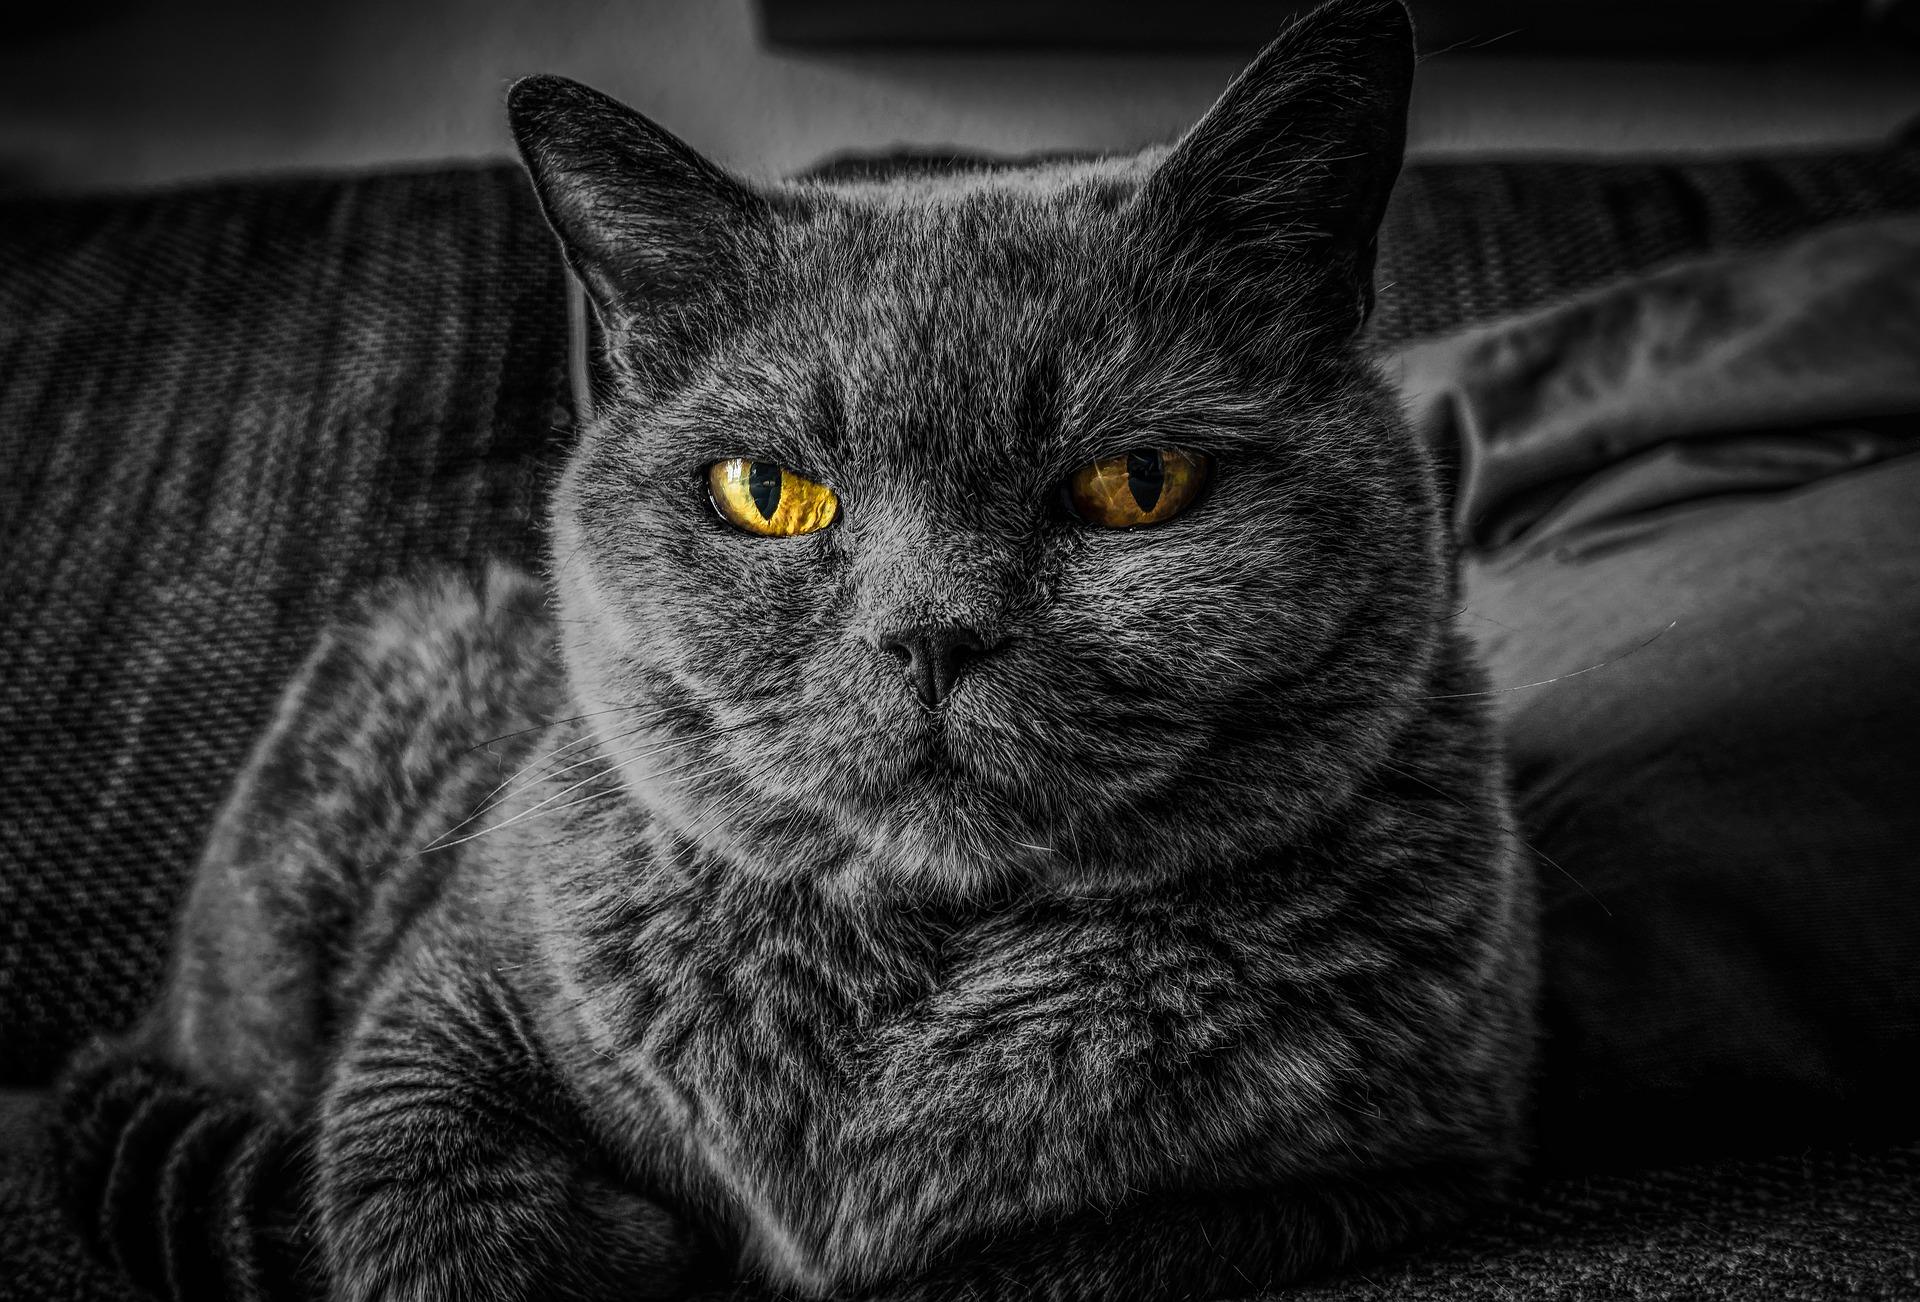 cat-2143332_1920